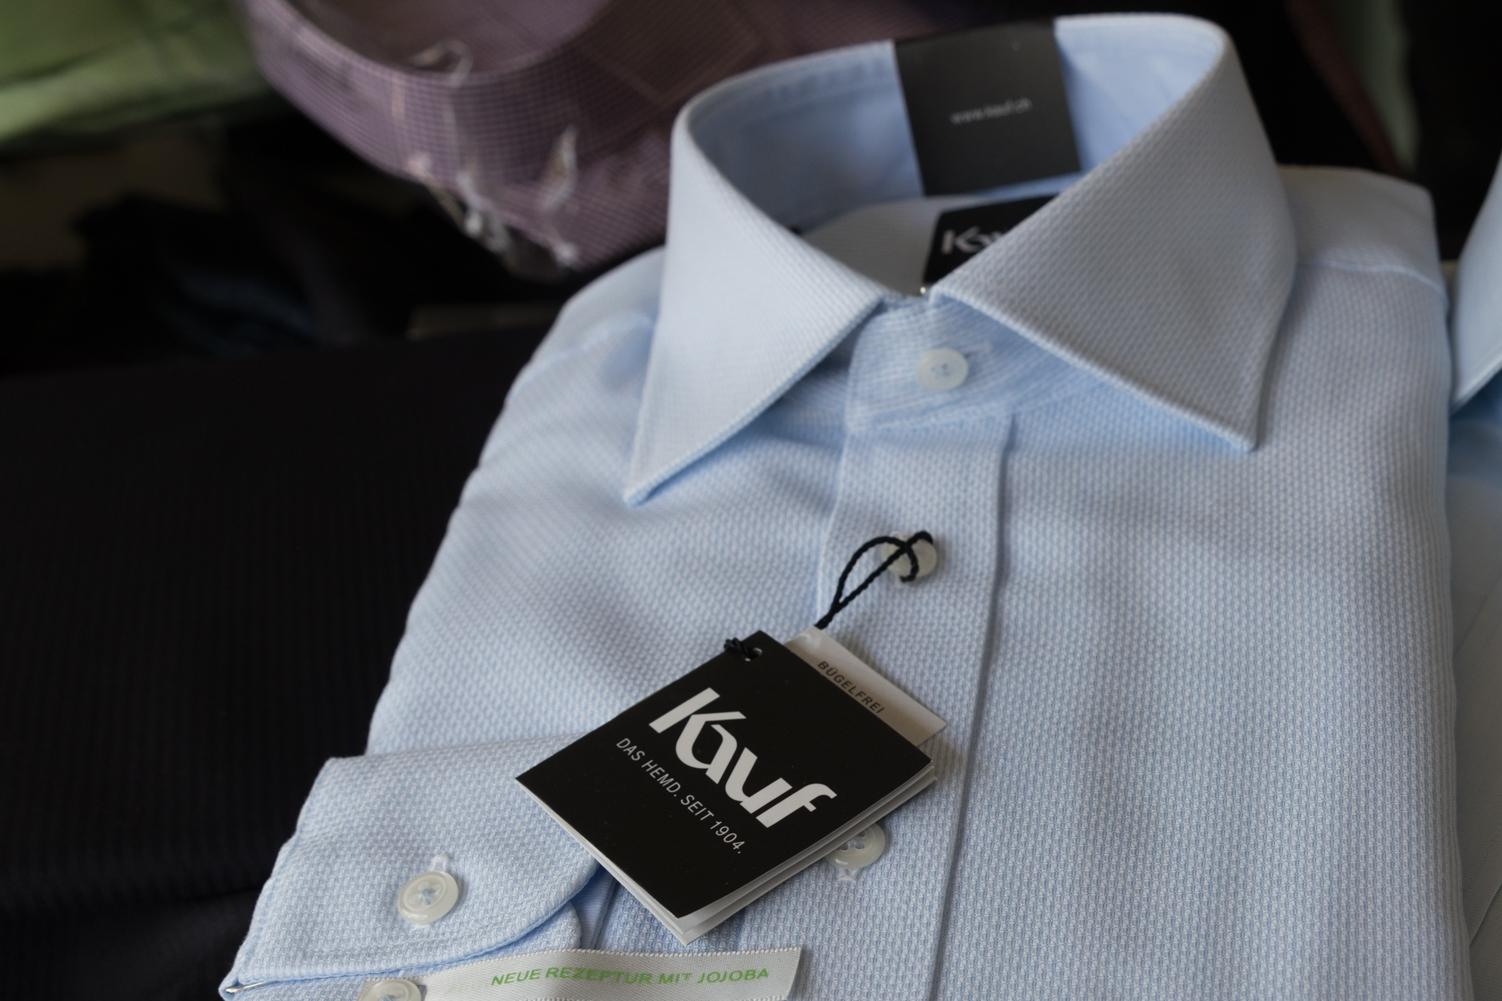 Kauf - das bügelfreie Hemd.